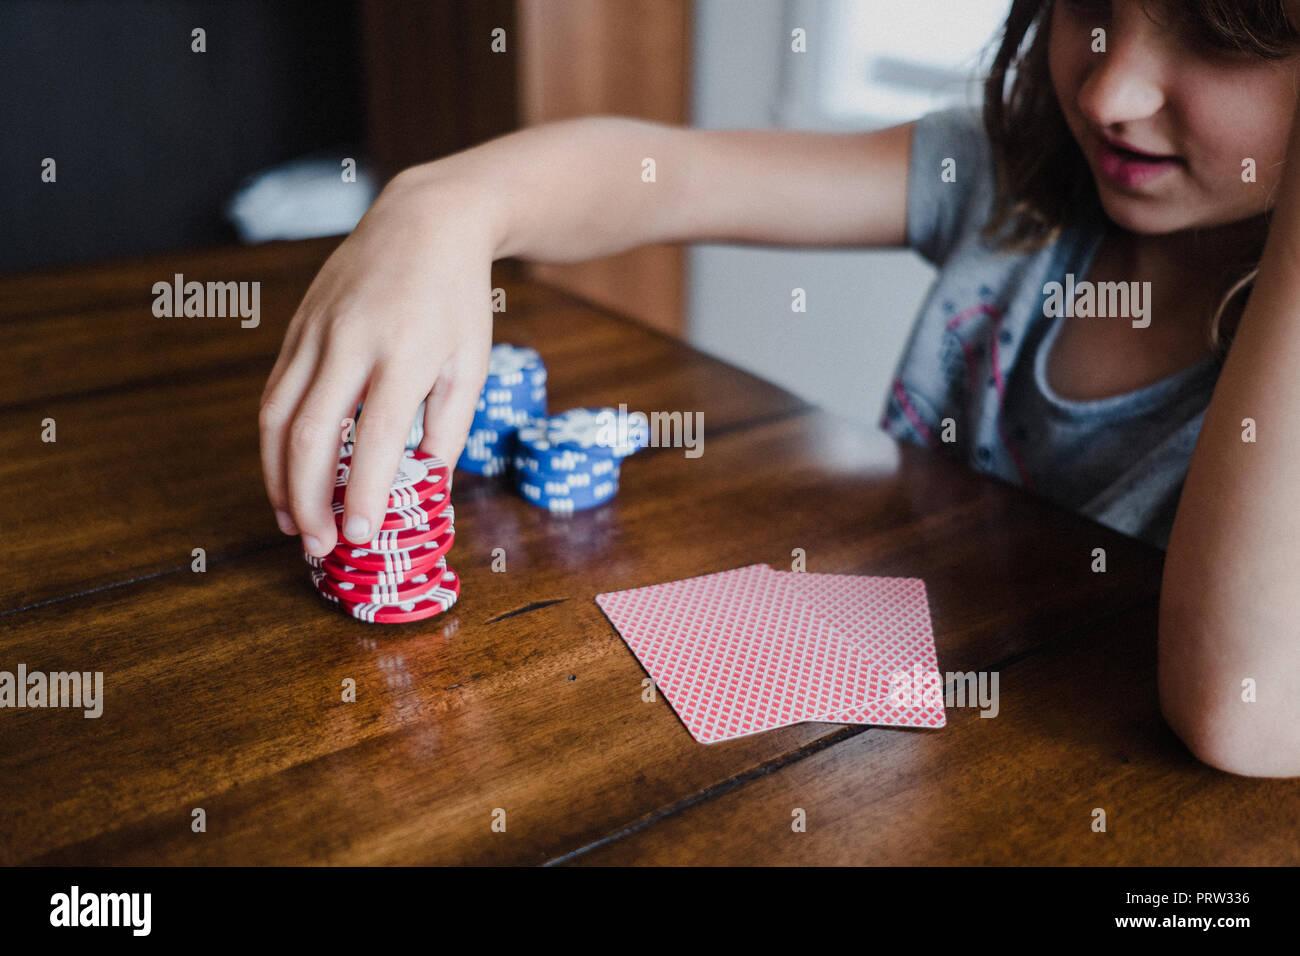 Mädchen spielen Karten am Tisch, Stapeln Spielmarken, in der Nähe Stockbild